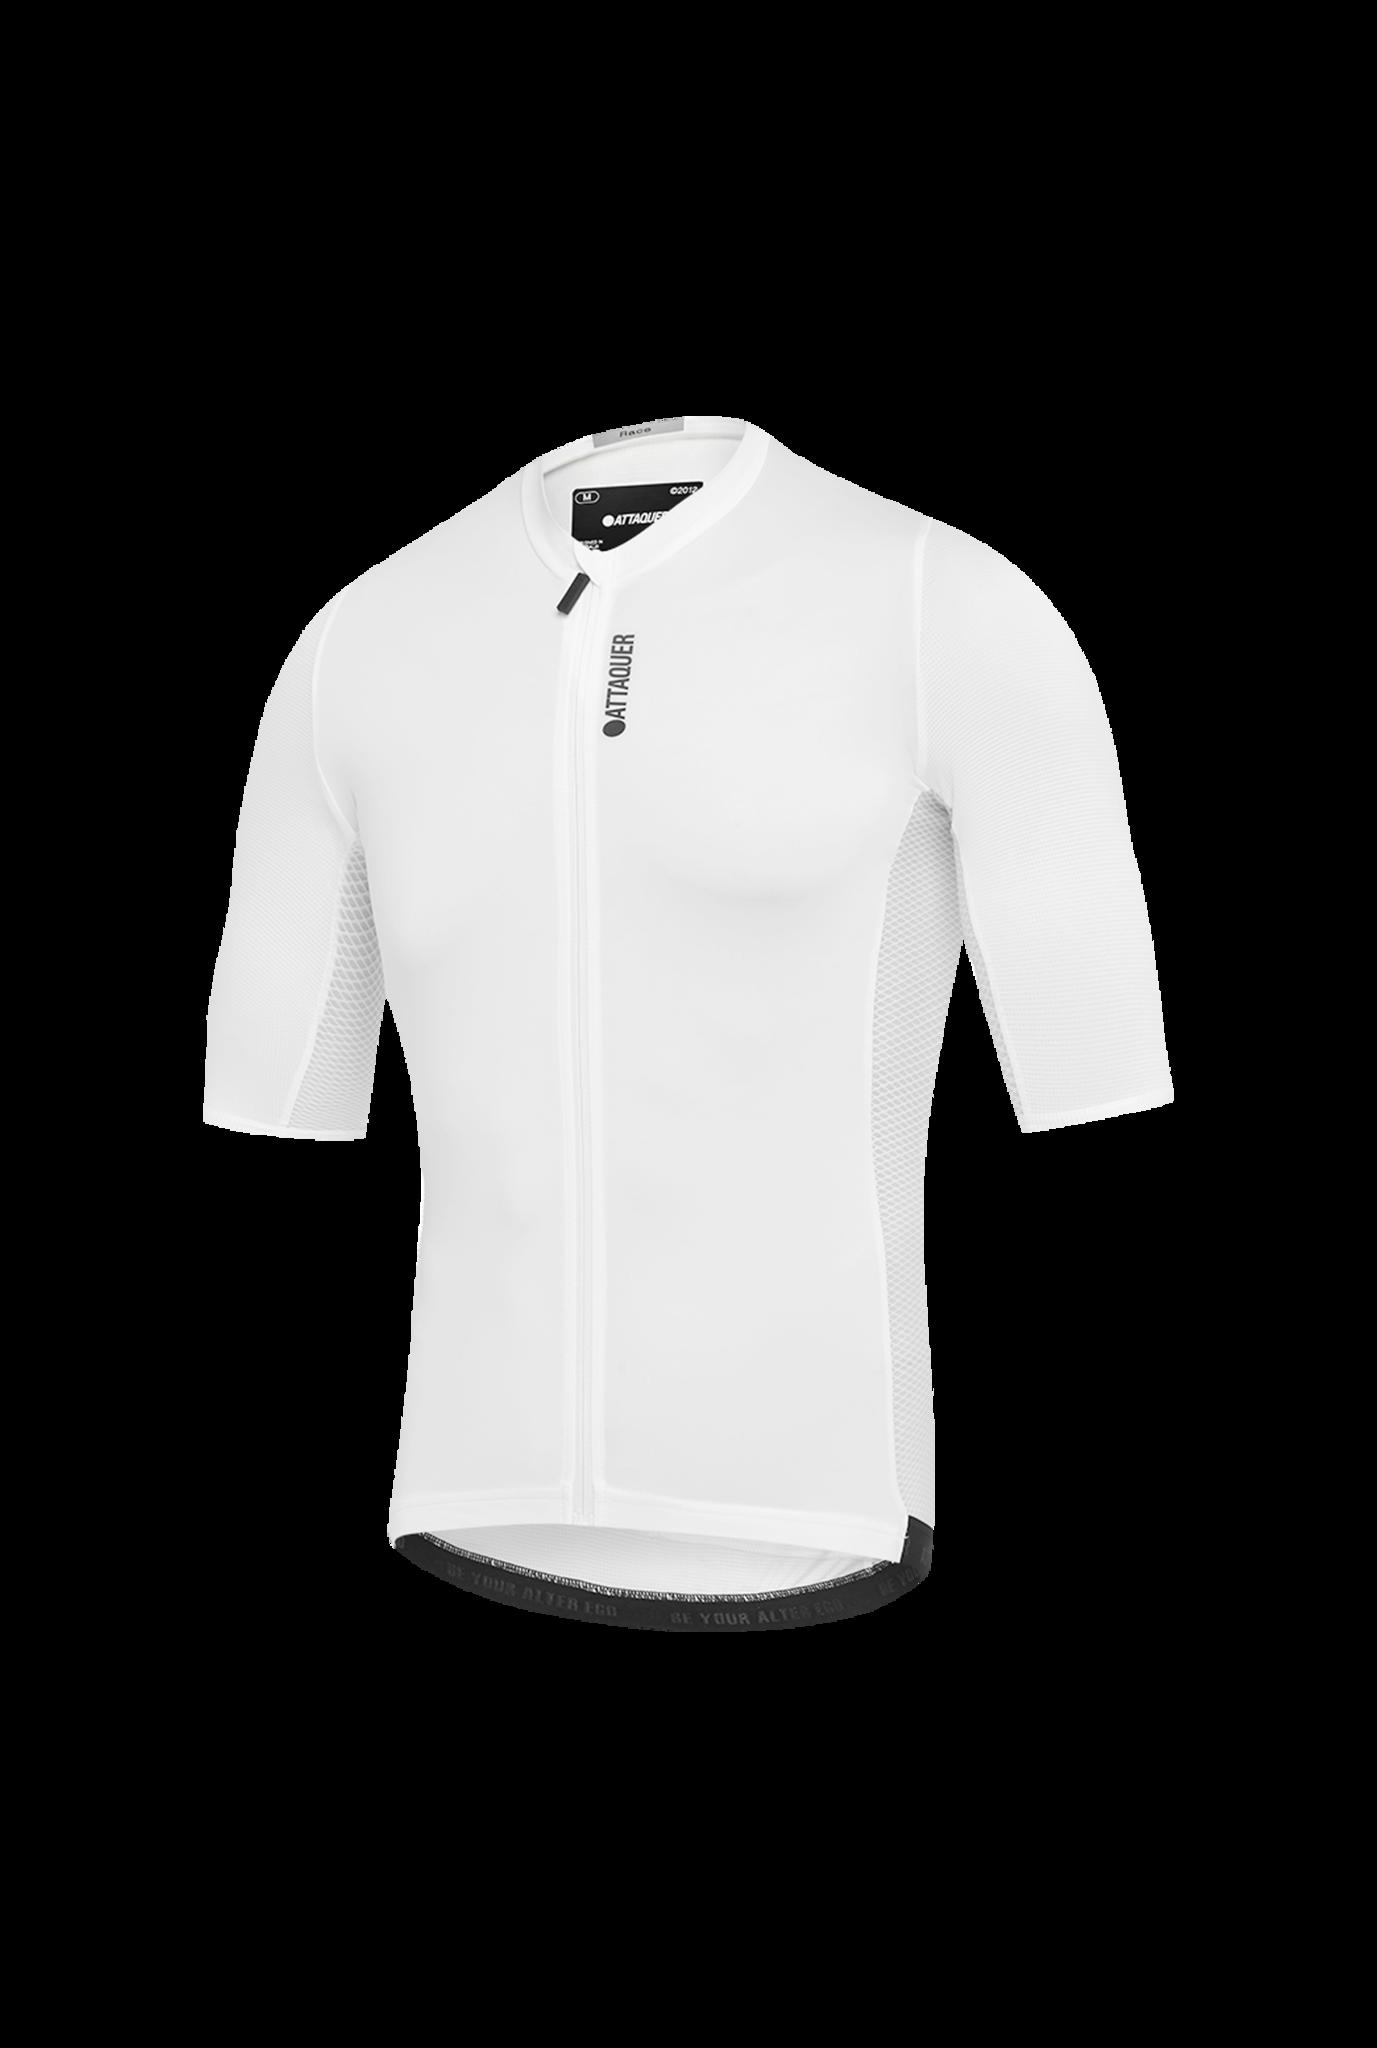 Race Fietsshirt Short Sleeve Wit-1